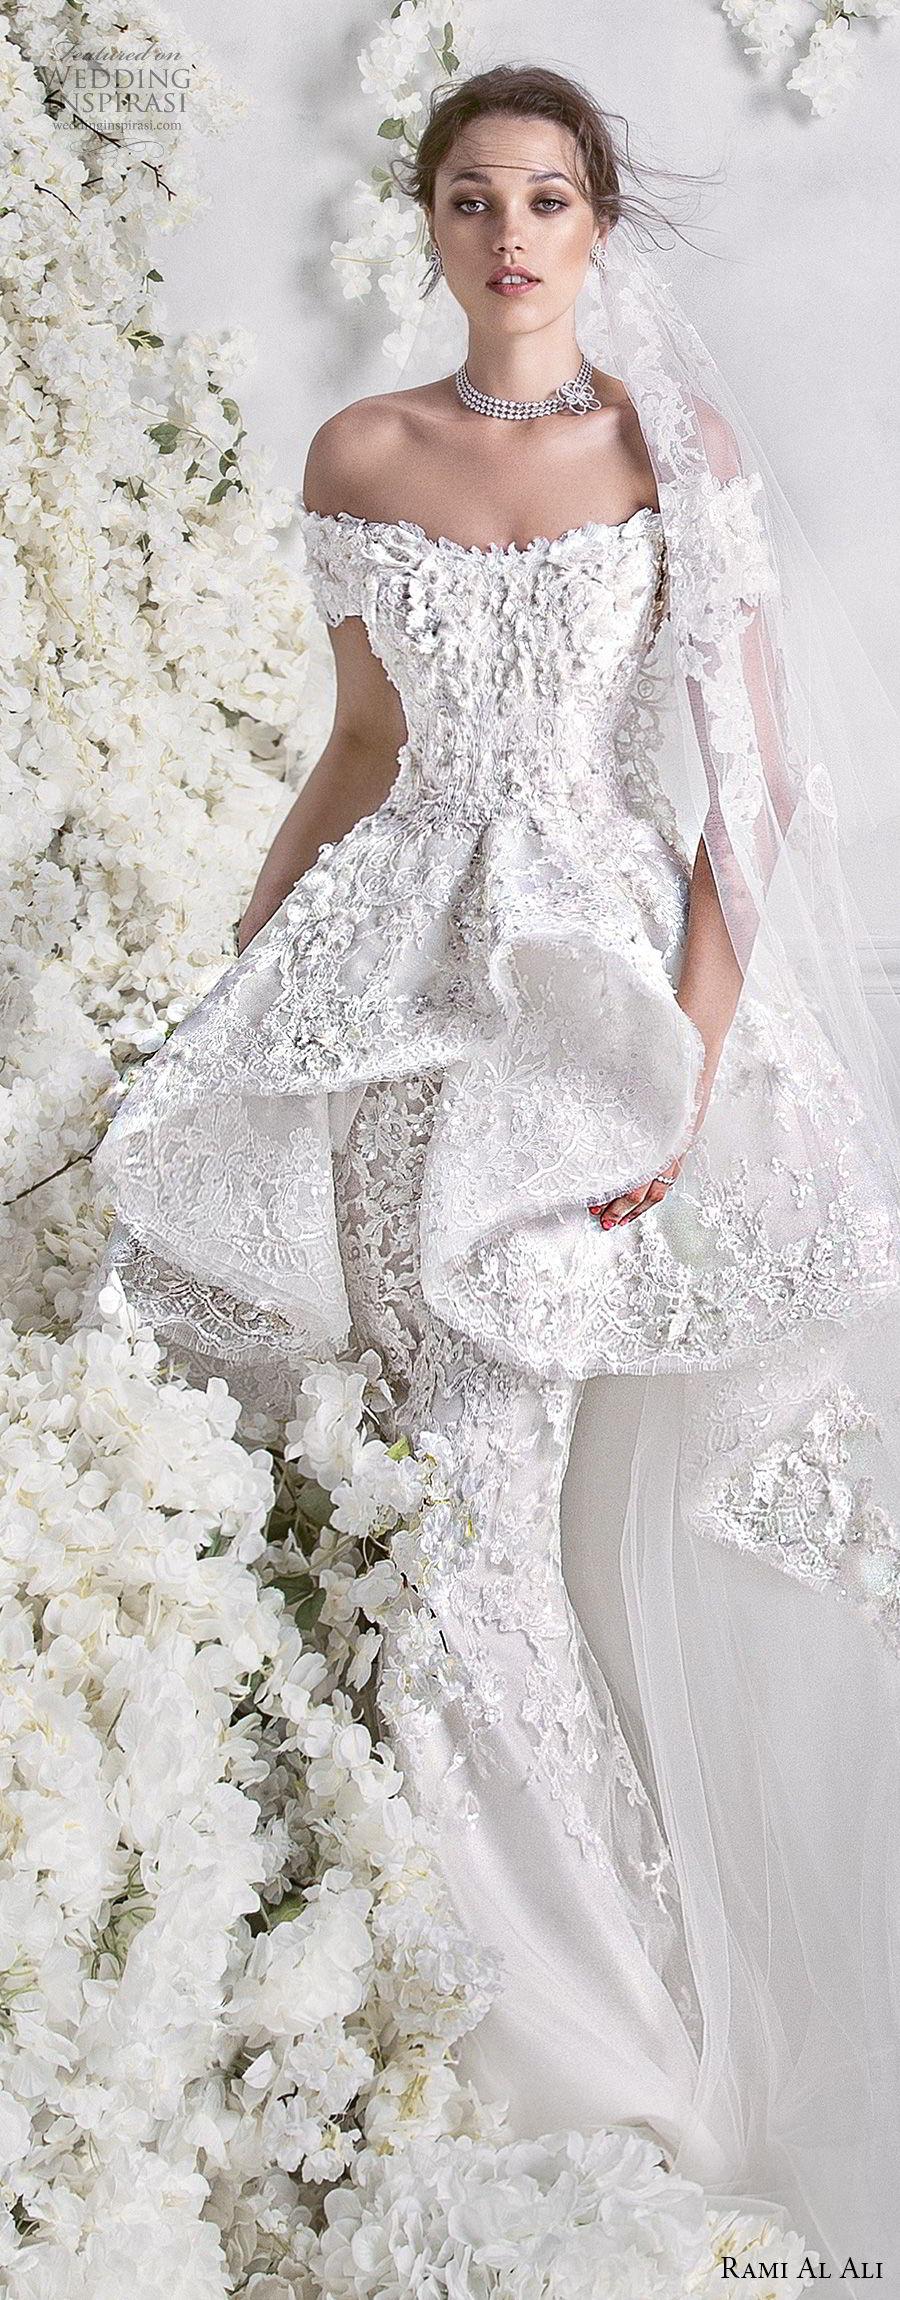 Rami Al Ali 2018 Wedding Dresses Wedding Inspirasi